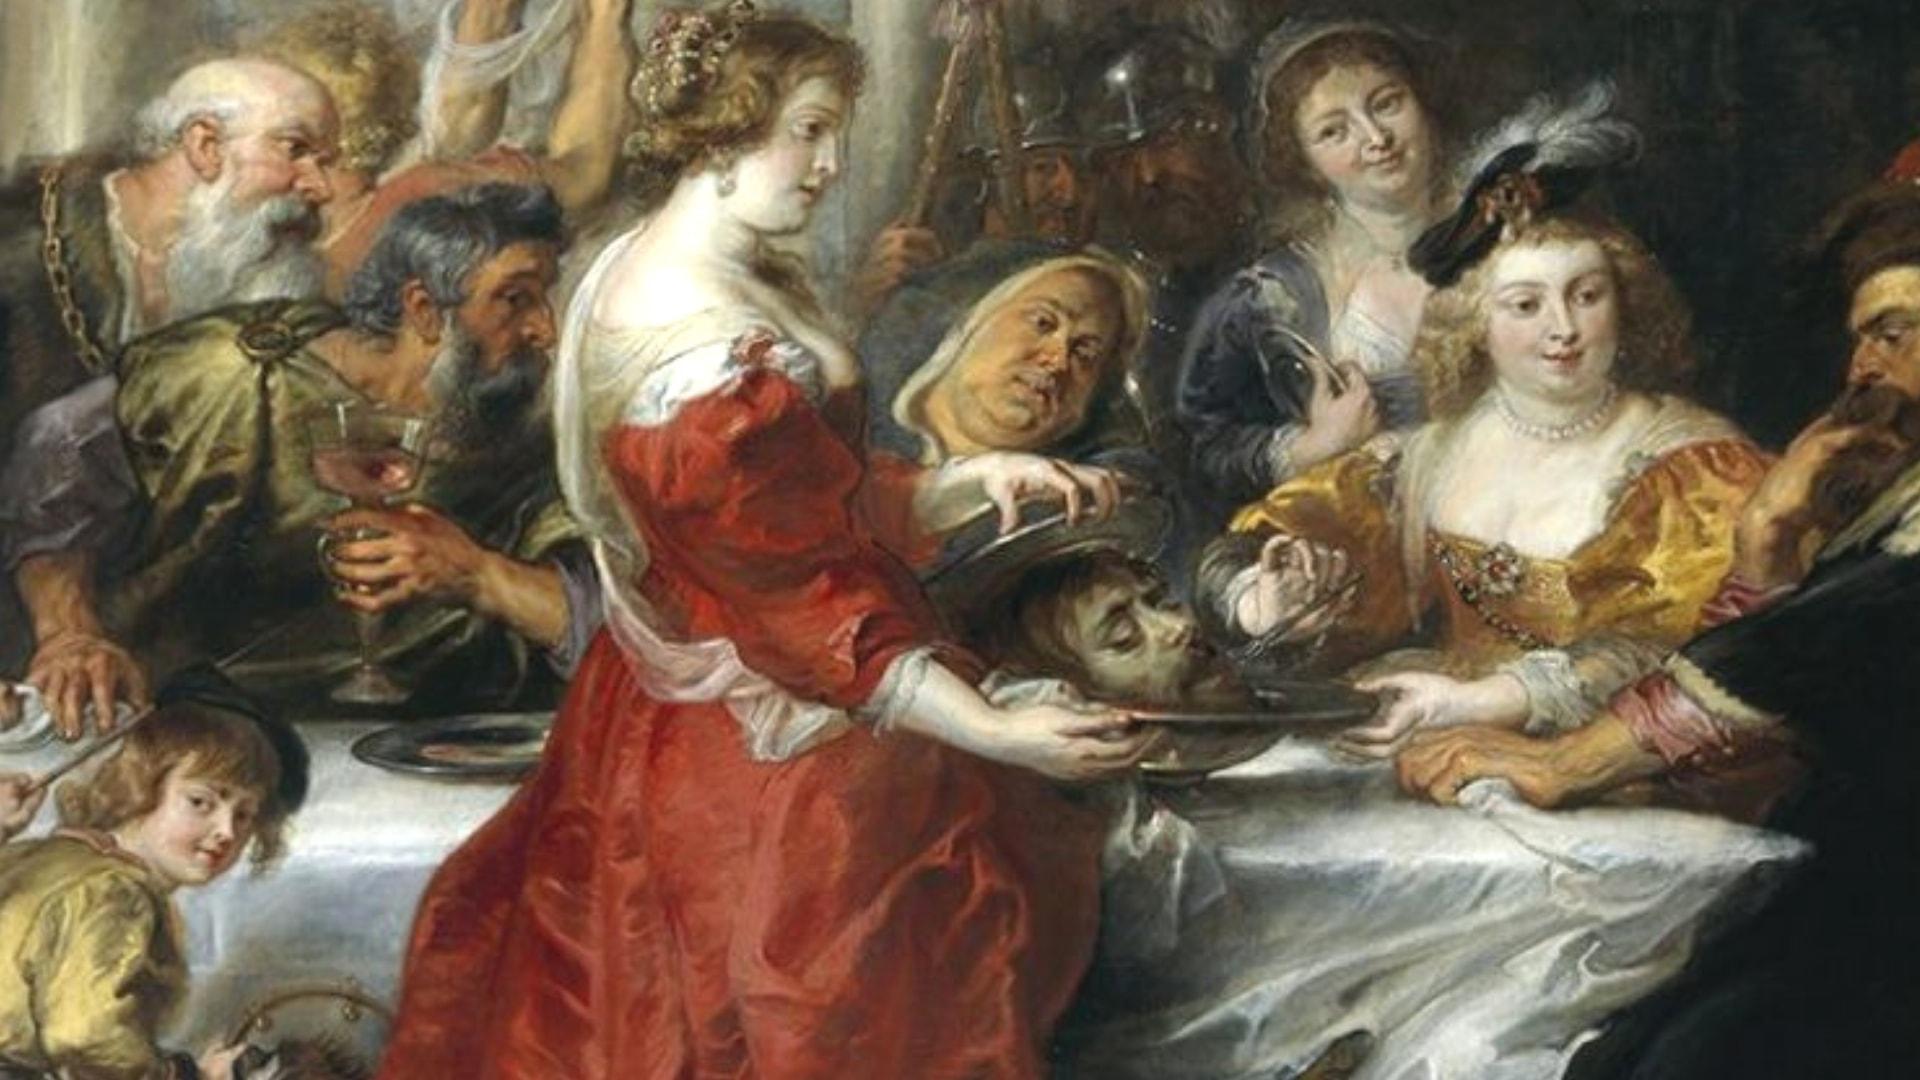 Palazzo Zevallos. Da Rubens a Gemito passando per Caravaggio